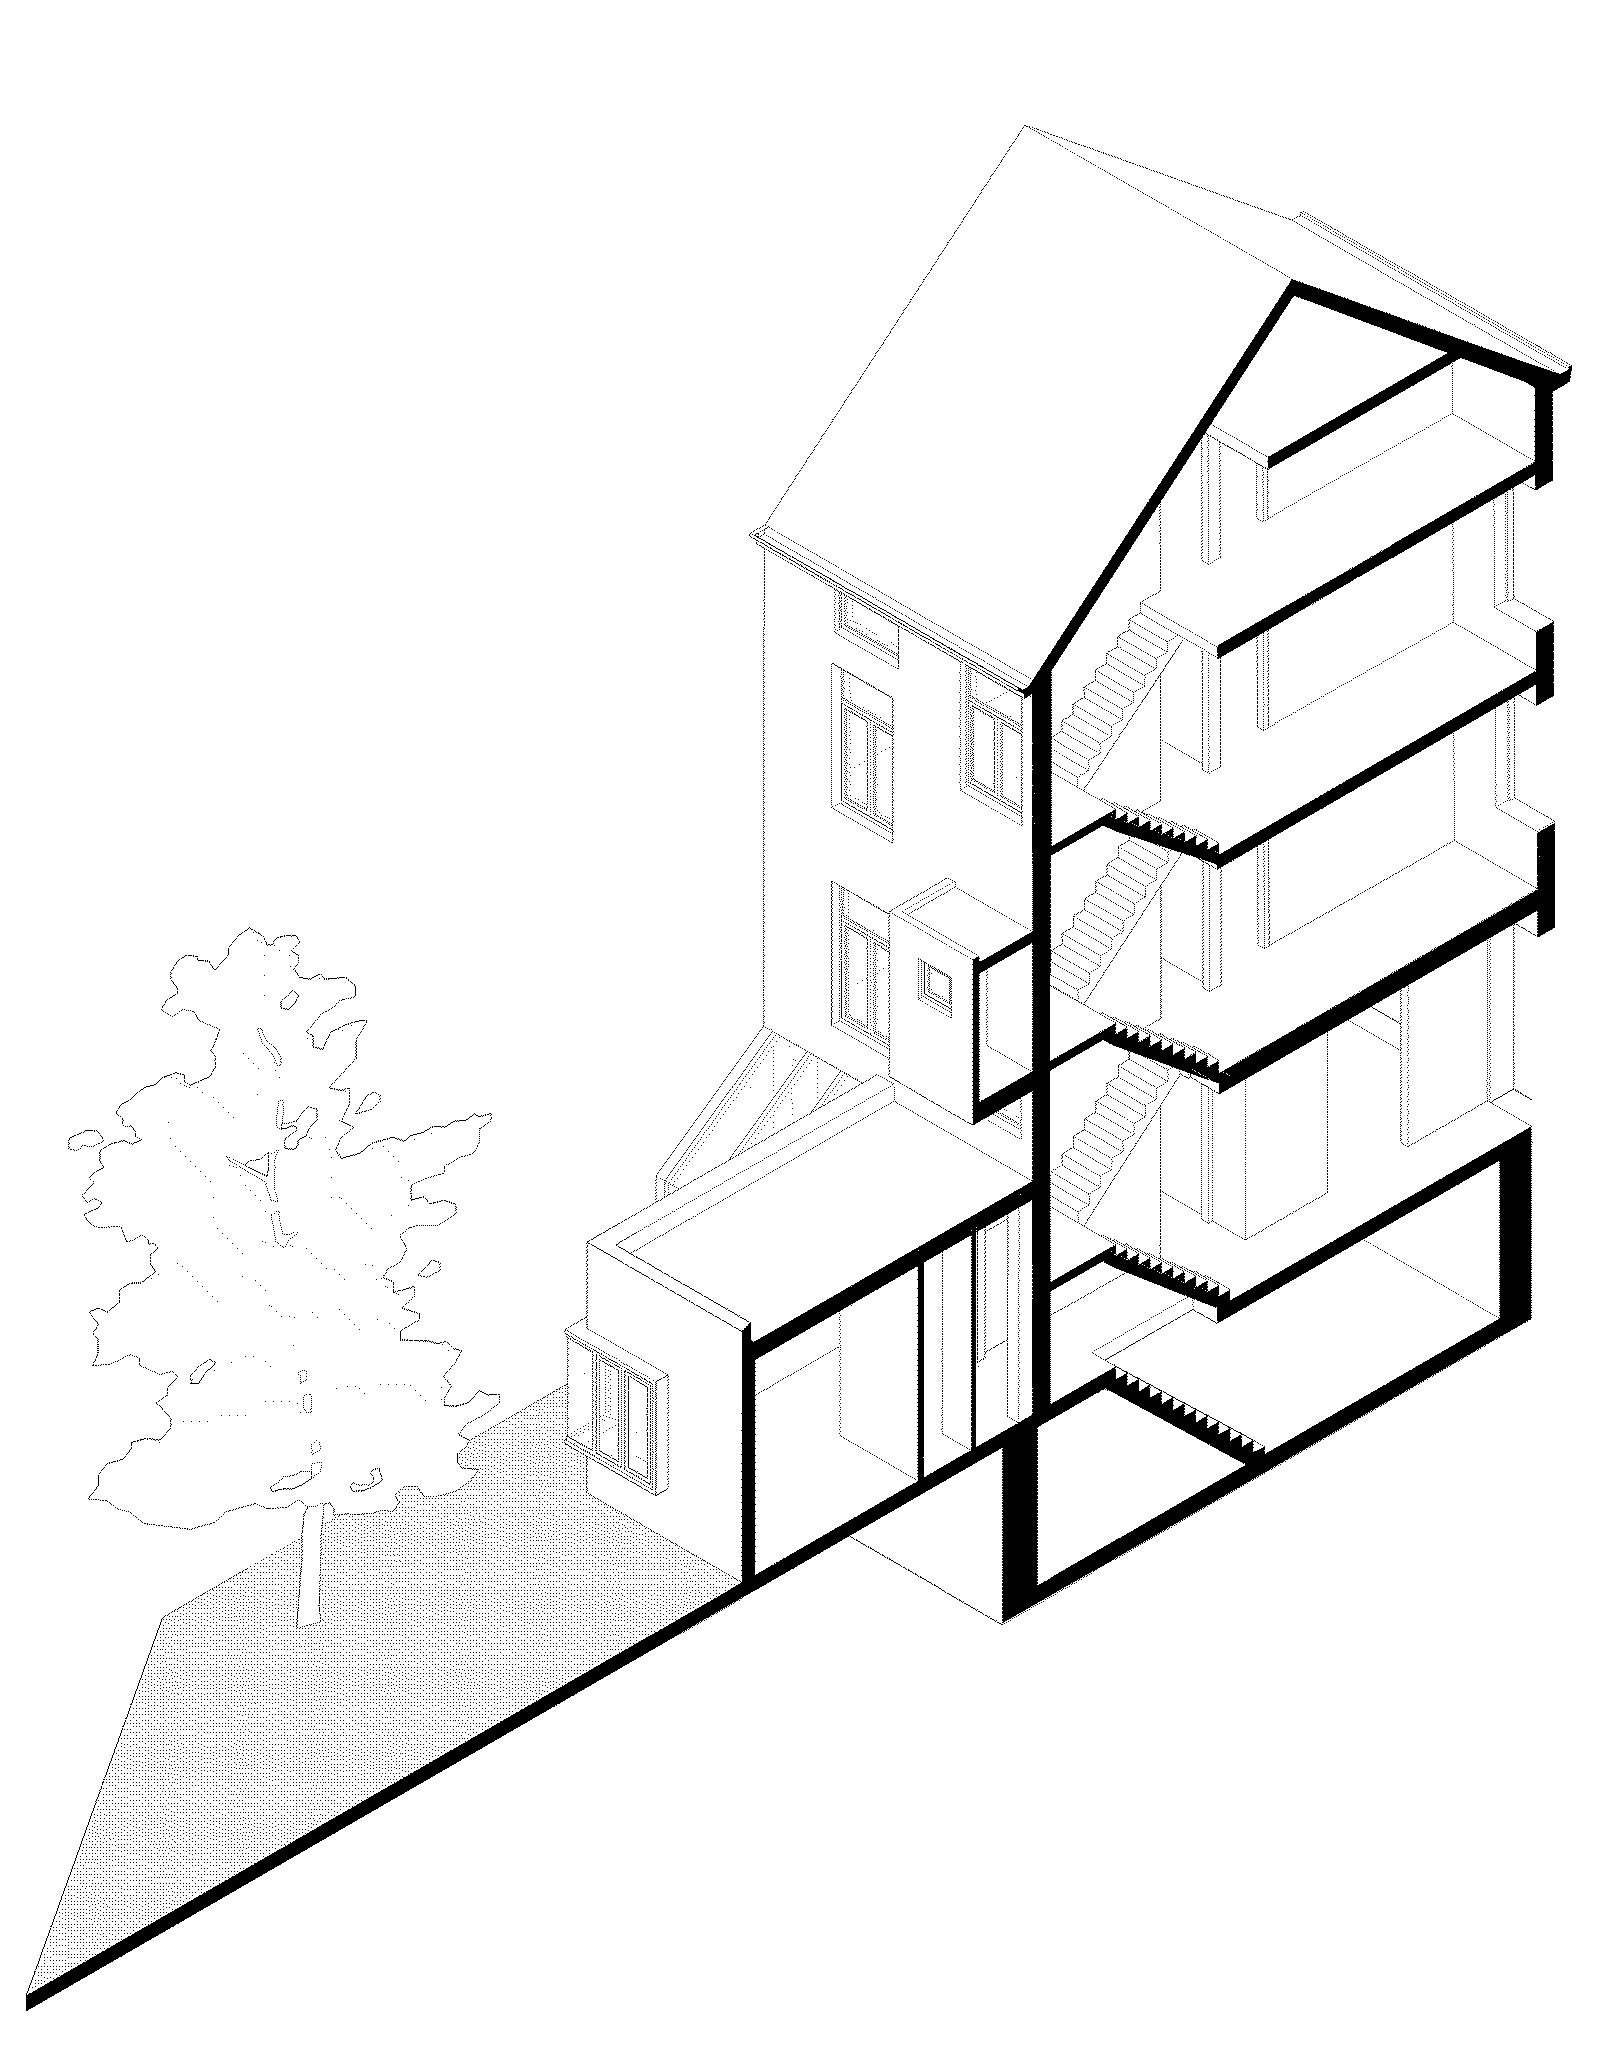 House-in-Belgium-just3ds.com-23